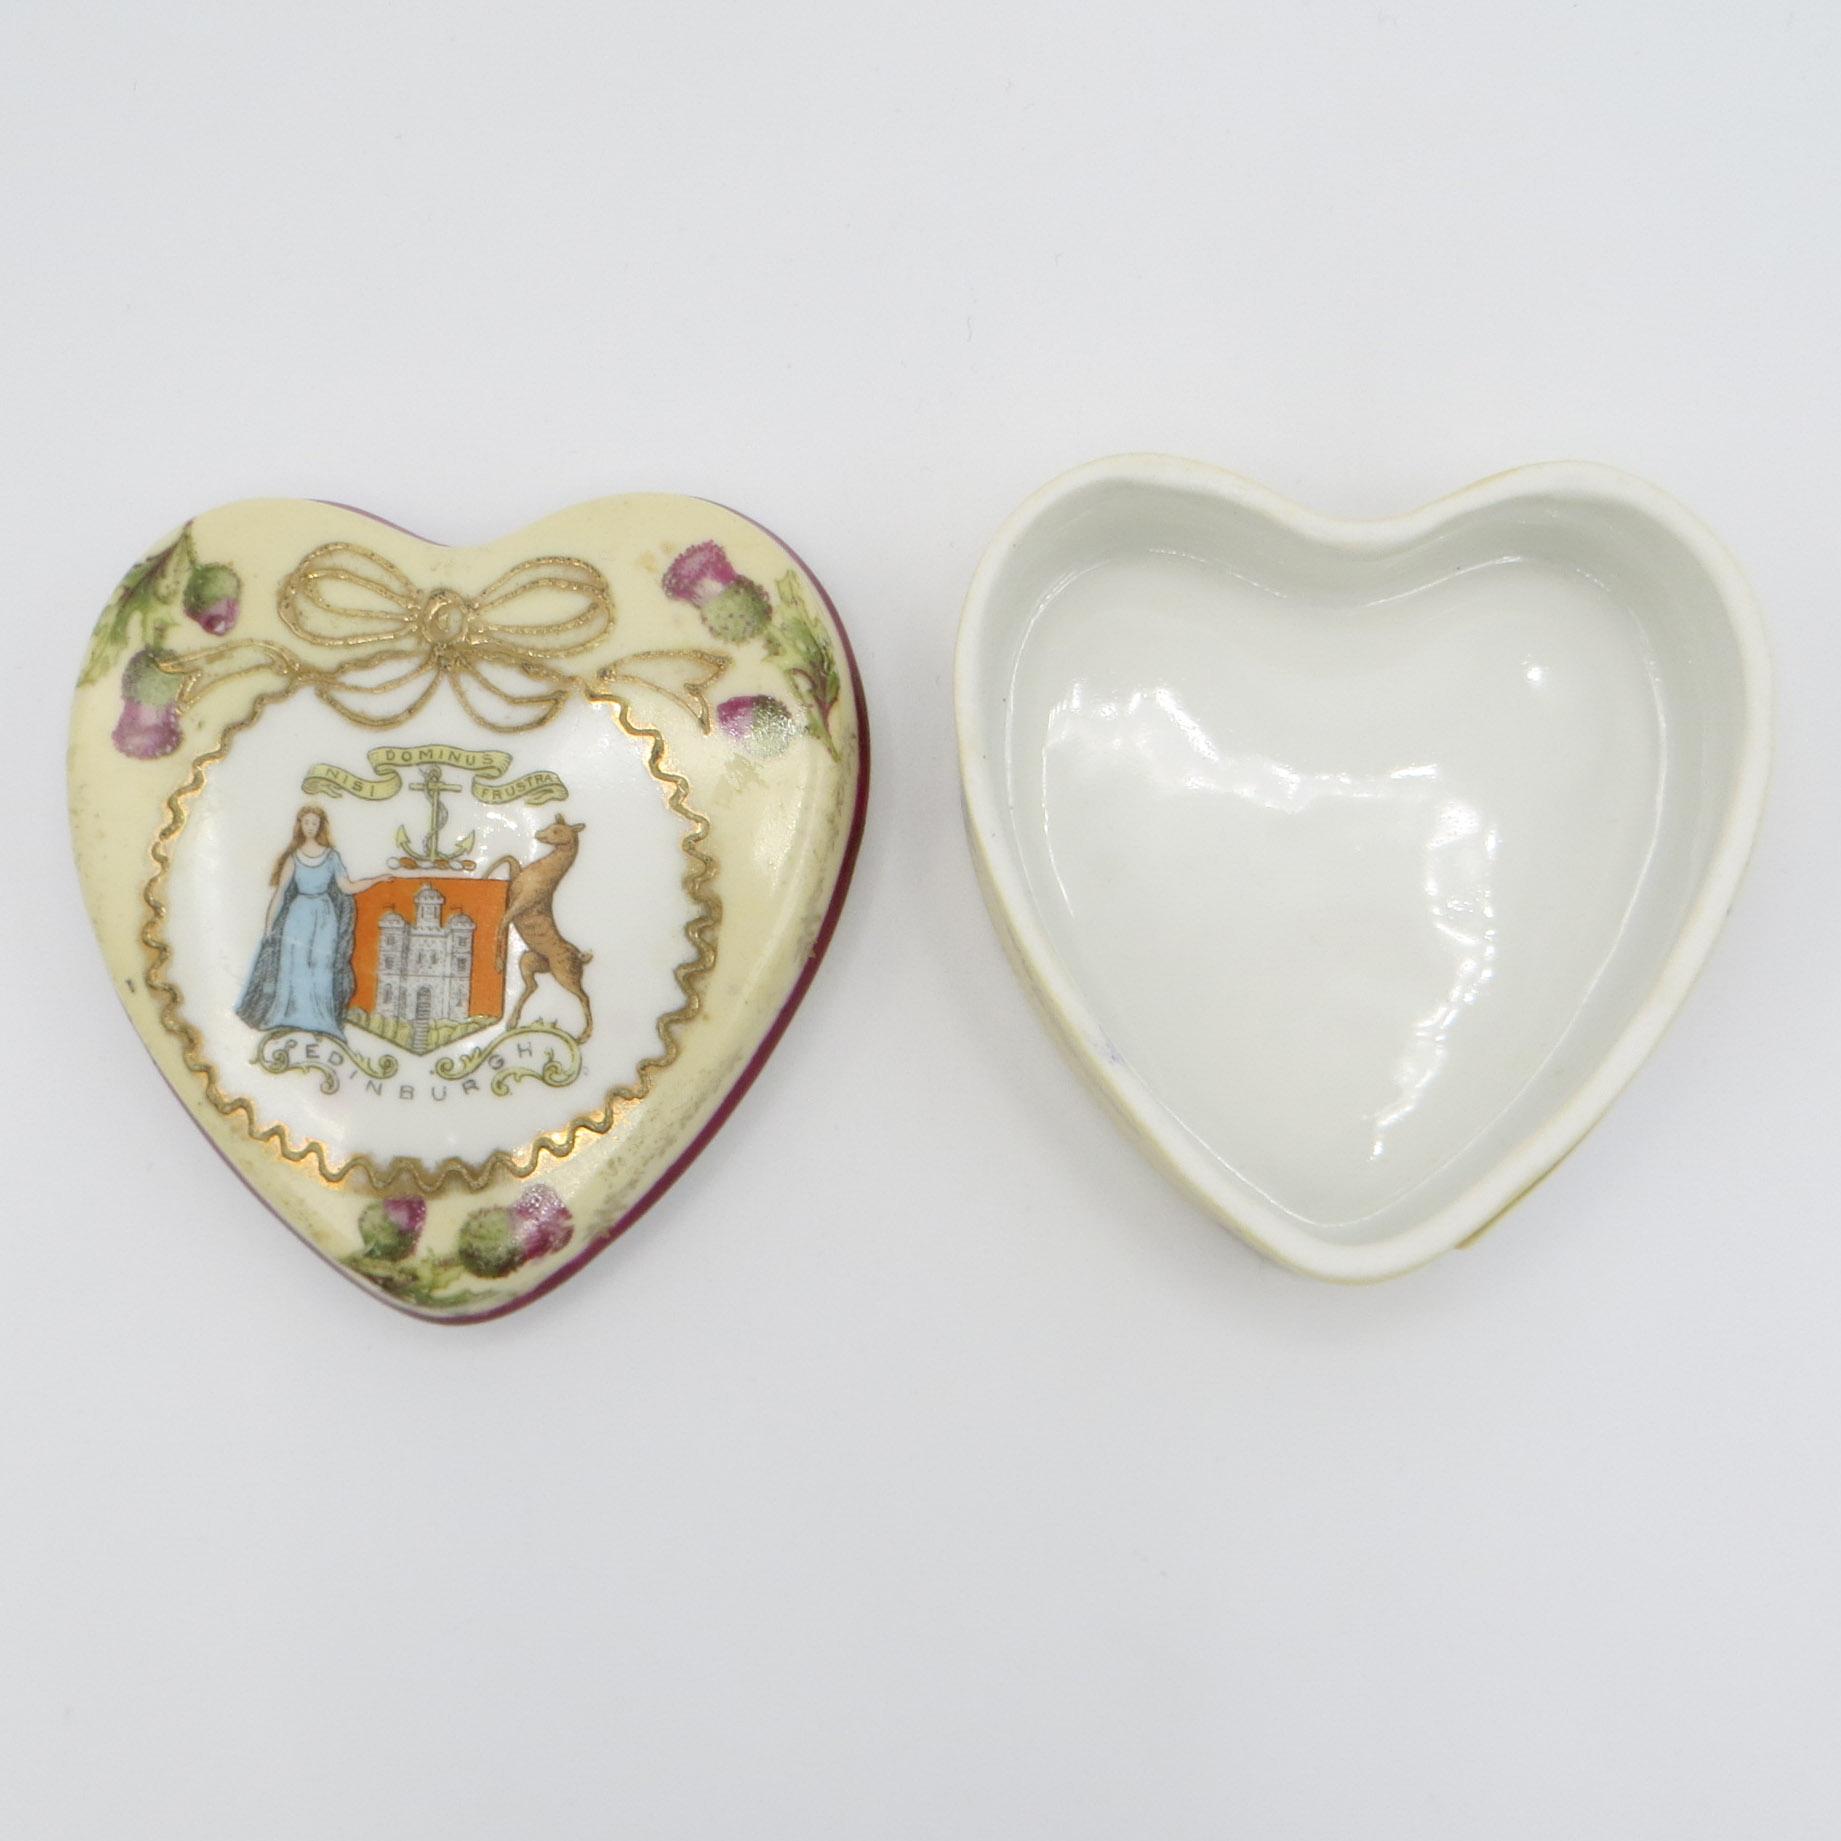 Edinburgh Souvenir Heart